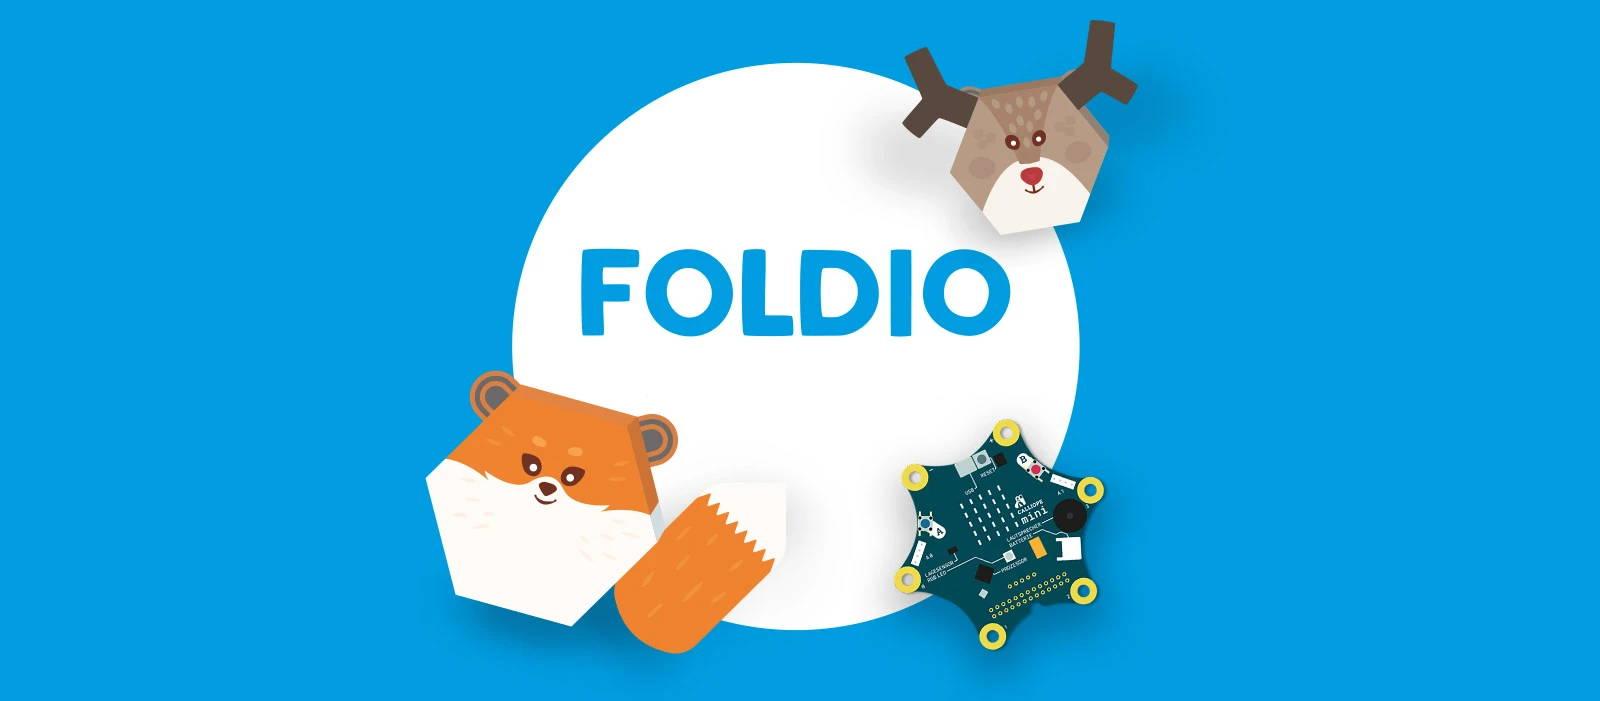 Foldio - Programmieren lernen - digitale Welt - spielerisch | Foldio